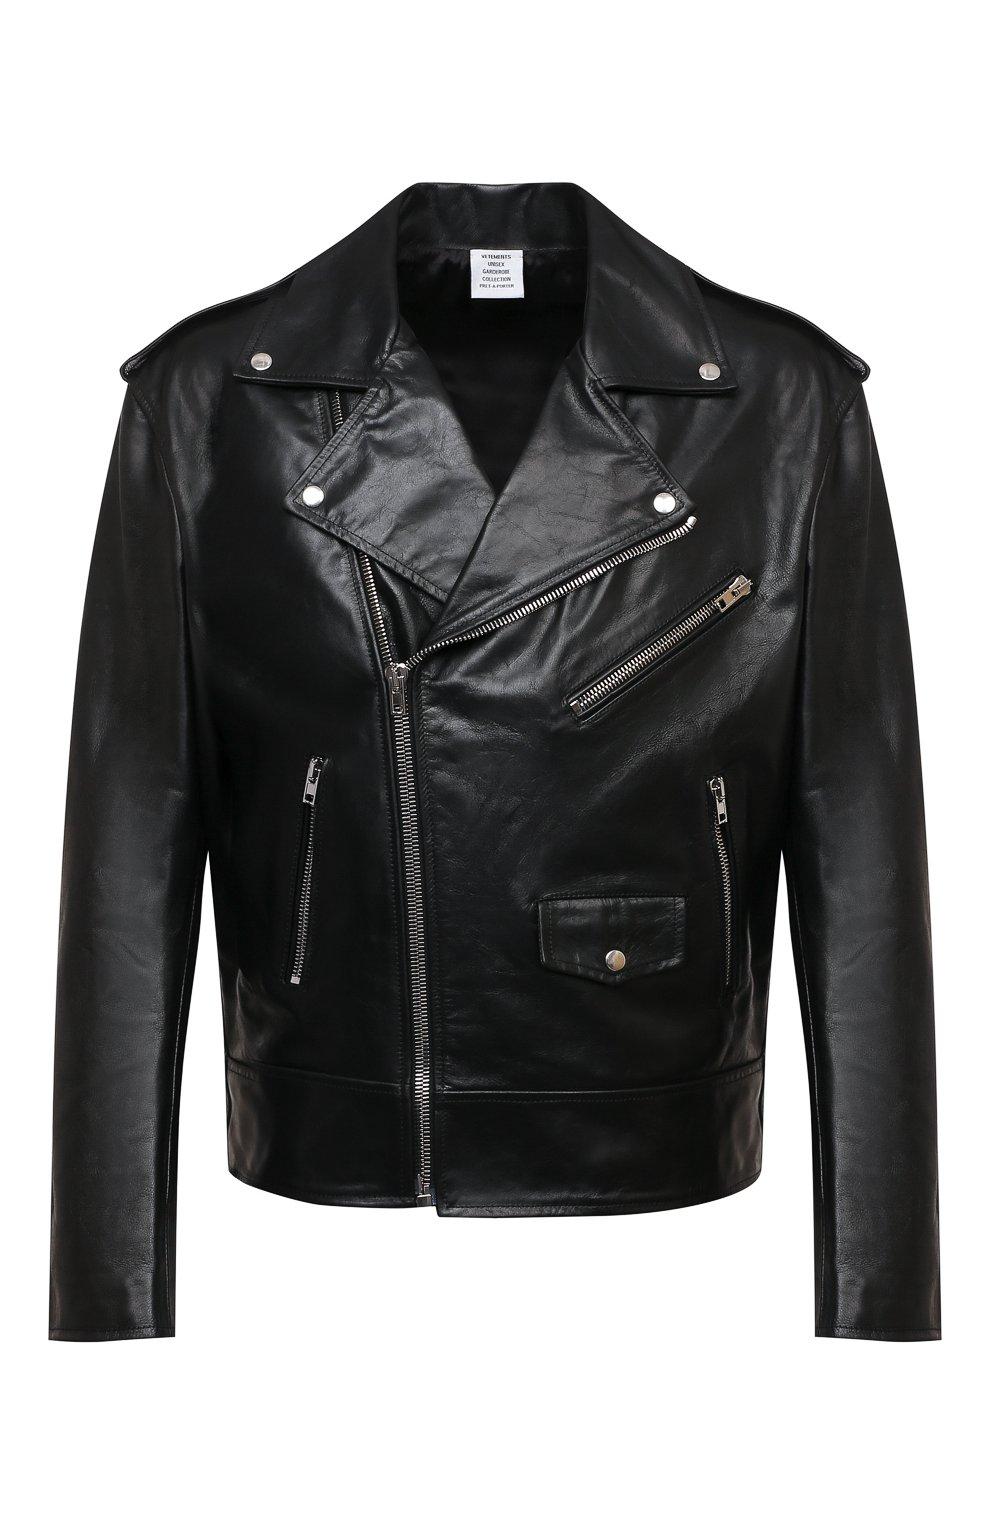 Мужская кожаная куртка VETEMENTS черного цвета, арт. UE51JA800WL 2470/M   Фото 1 (Кросс-КТ: Куртка; Рукава: Длинные; Стили: Гранж; Мужское Кросс-КТ: Кожа и замша; Длина (верхняя одежда): Короткие; Материал подклада: Вискоза)